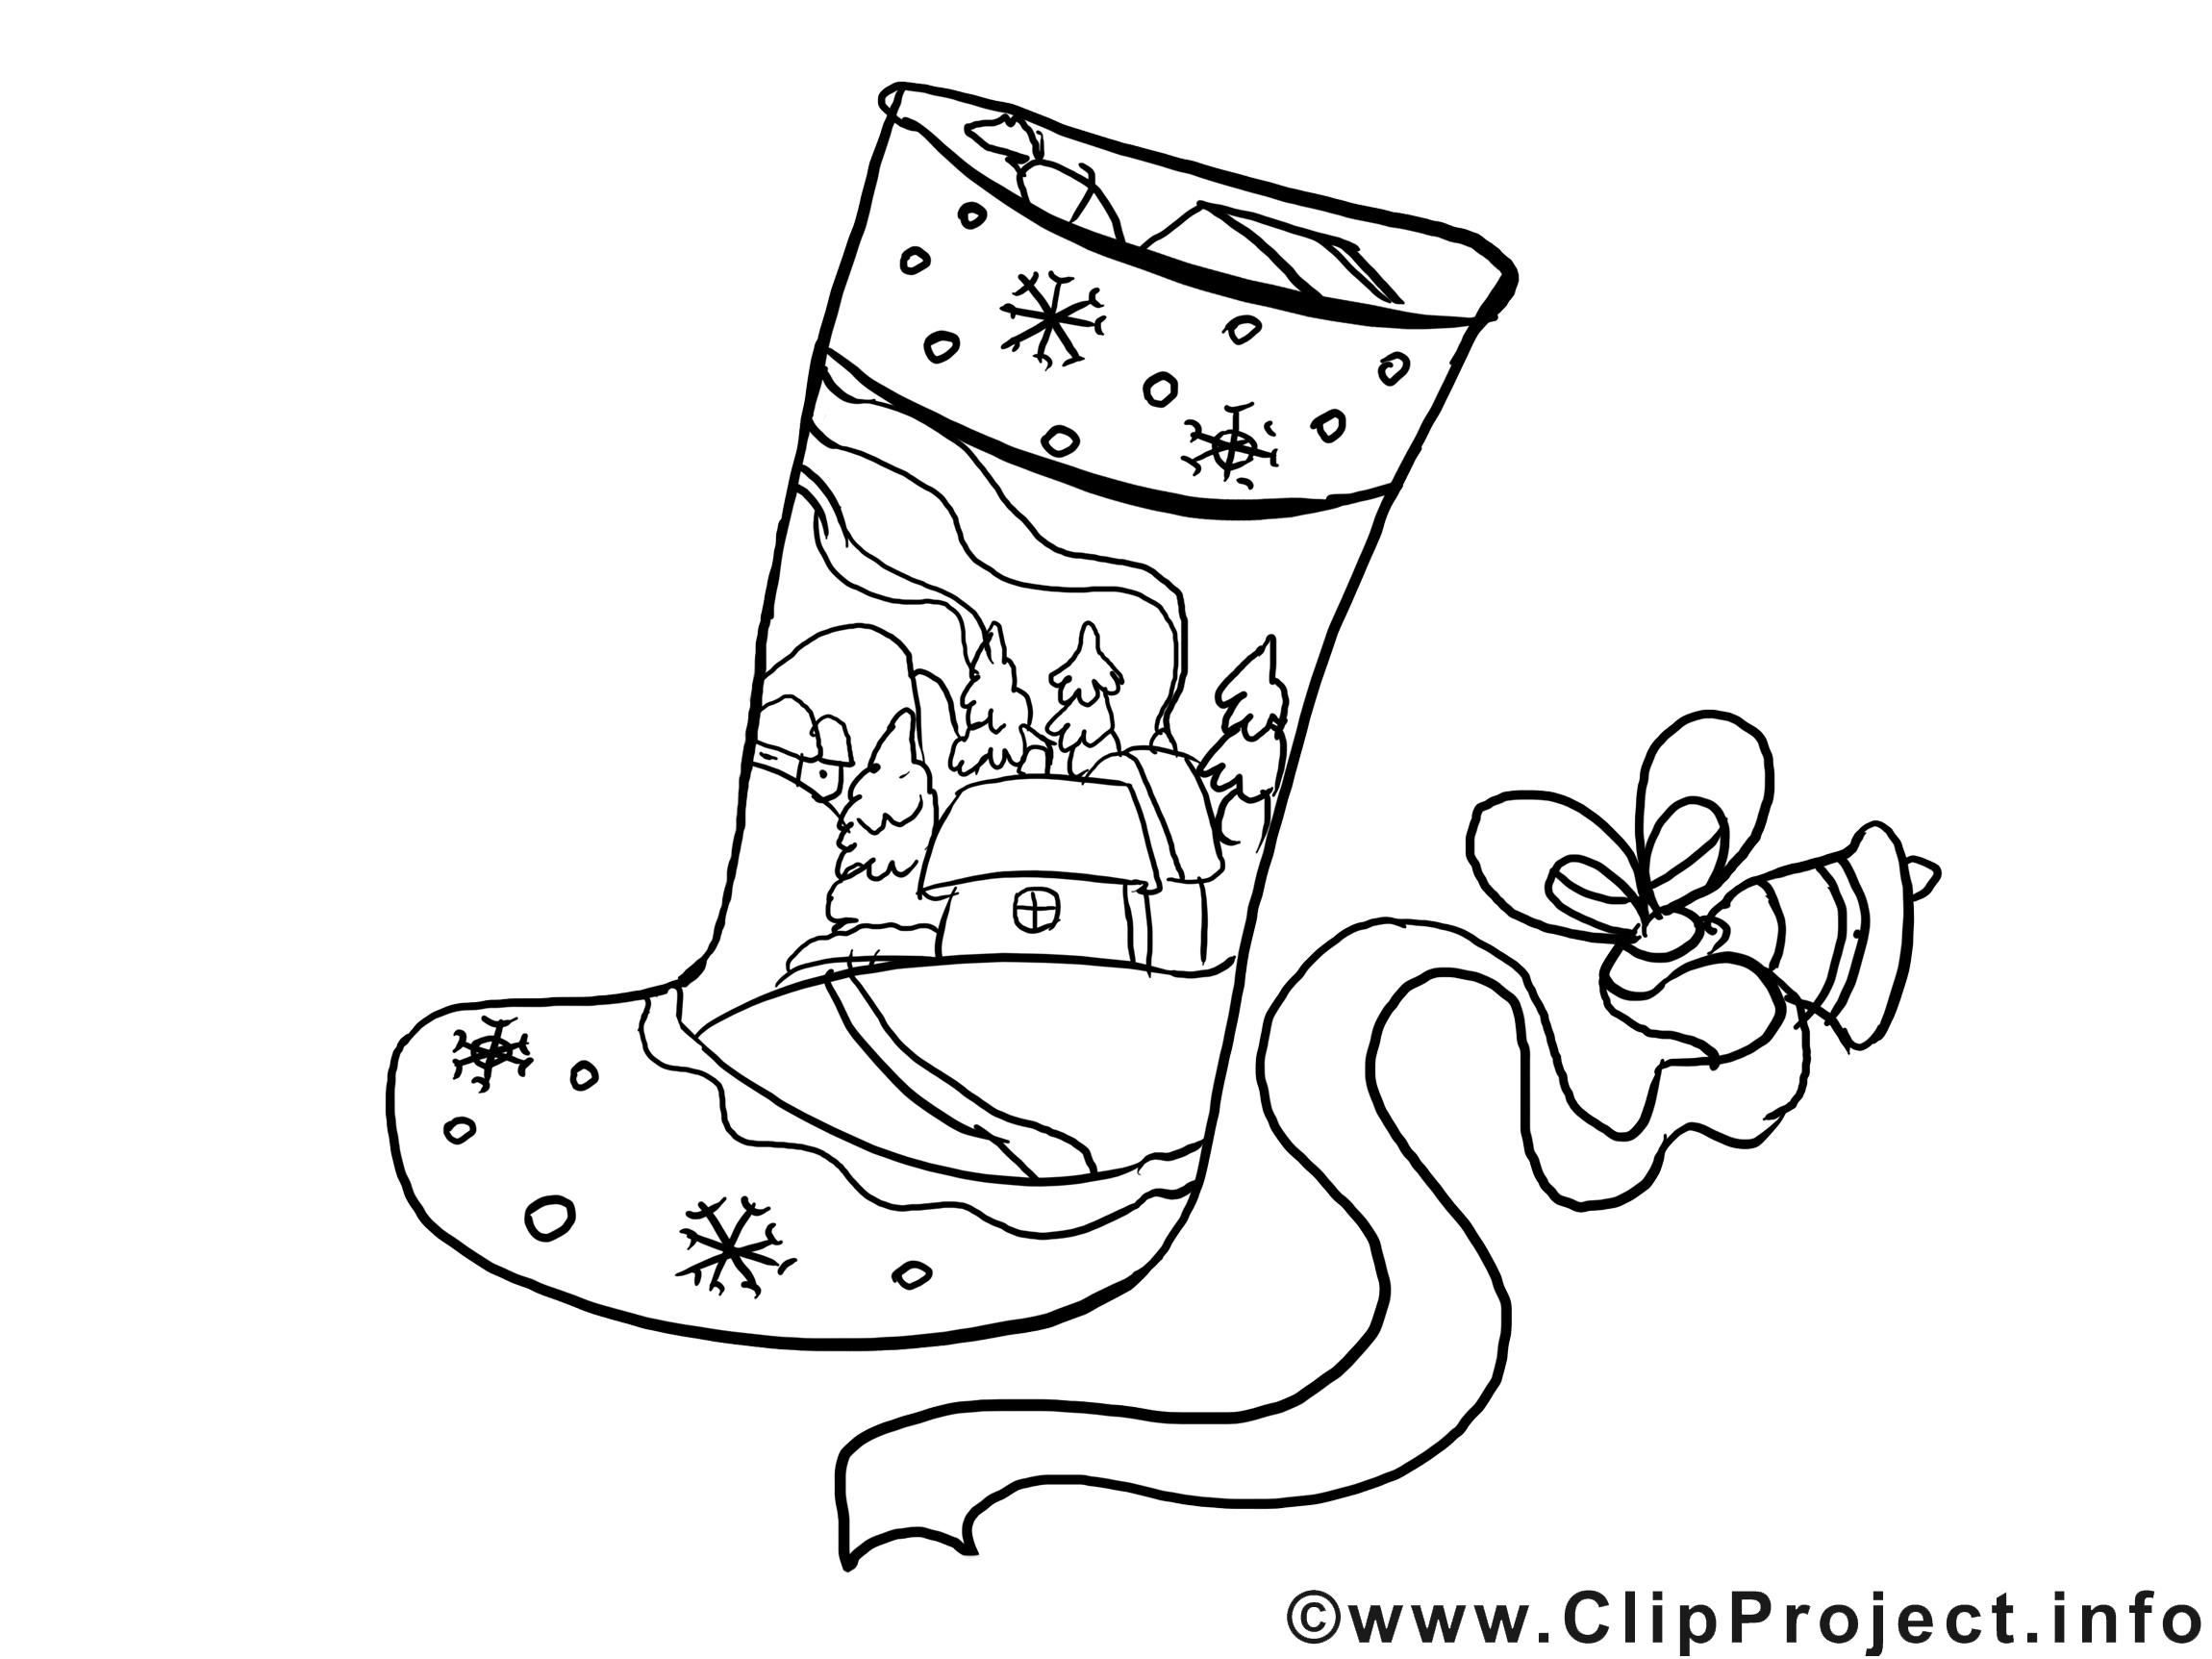 Chaussette clip art – Noël image à colorier